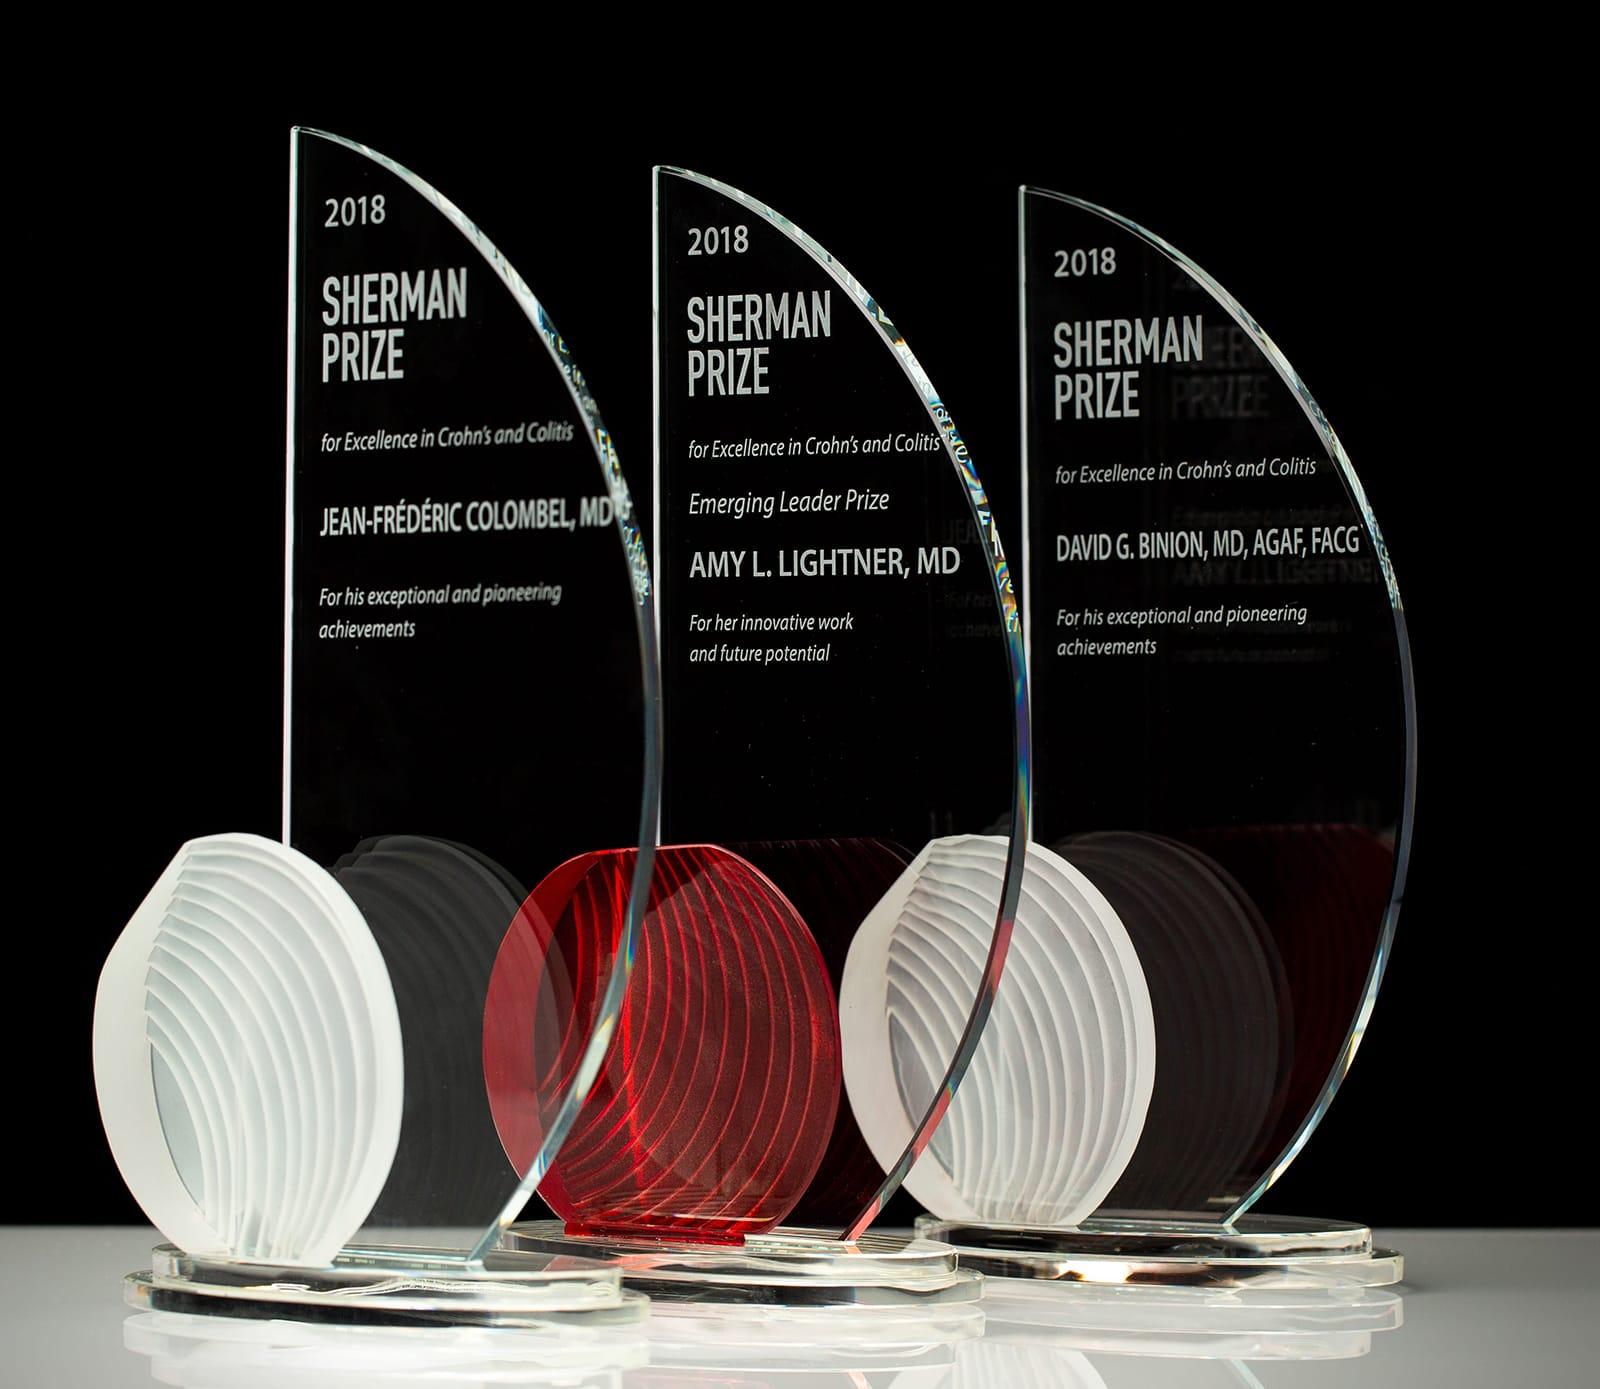 <p>2018 Sherman Prize Awards</p>